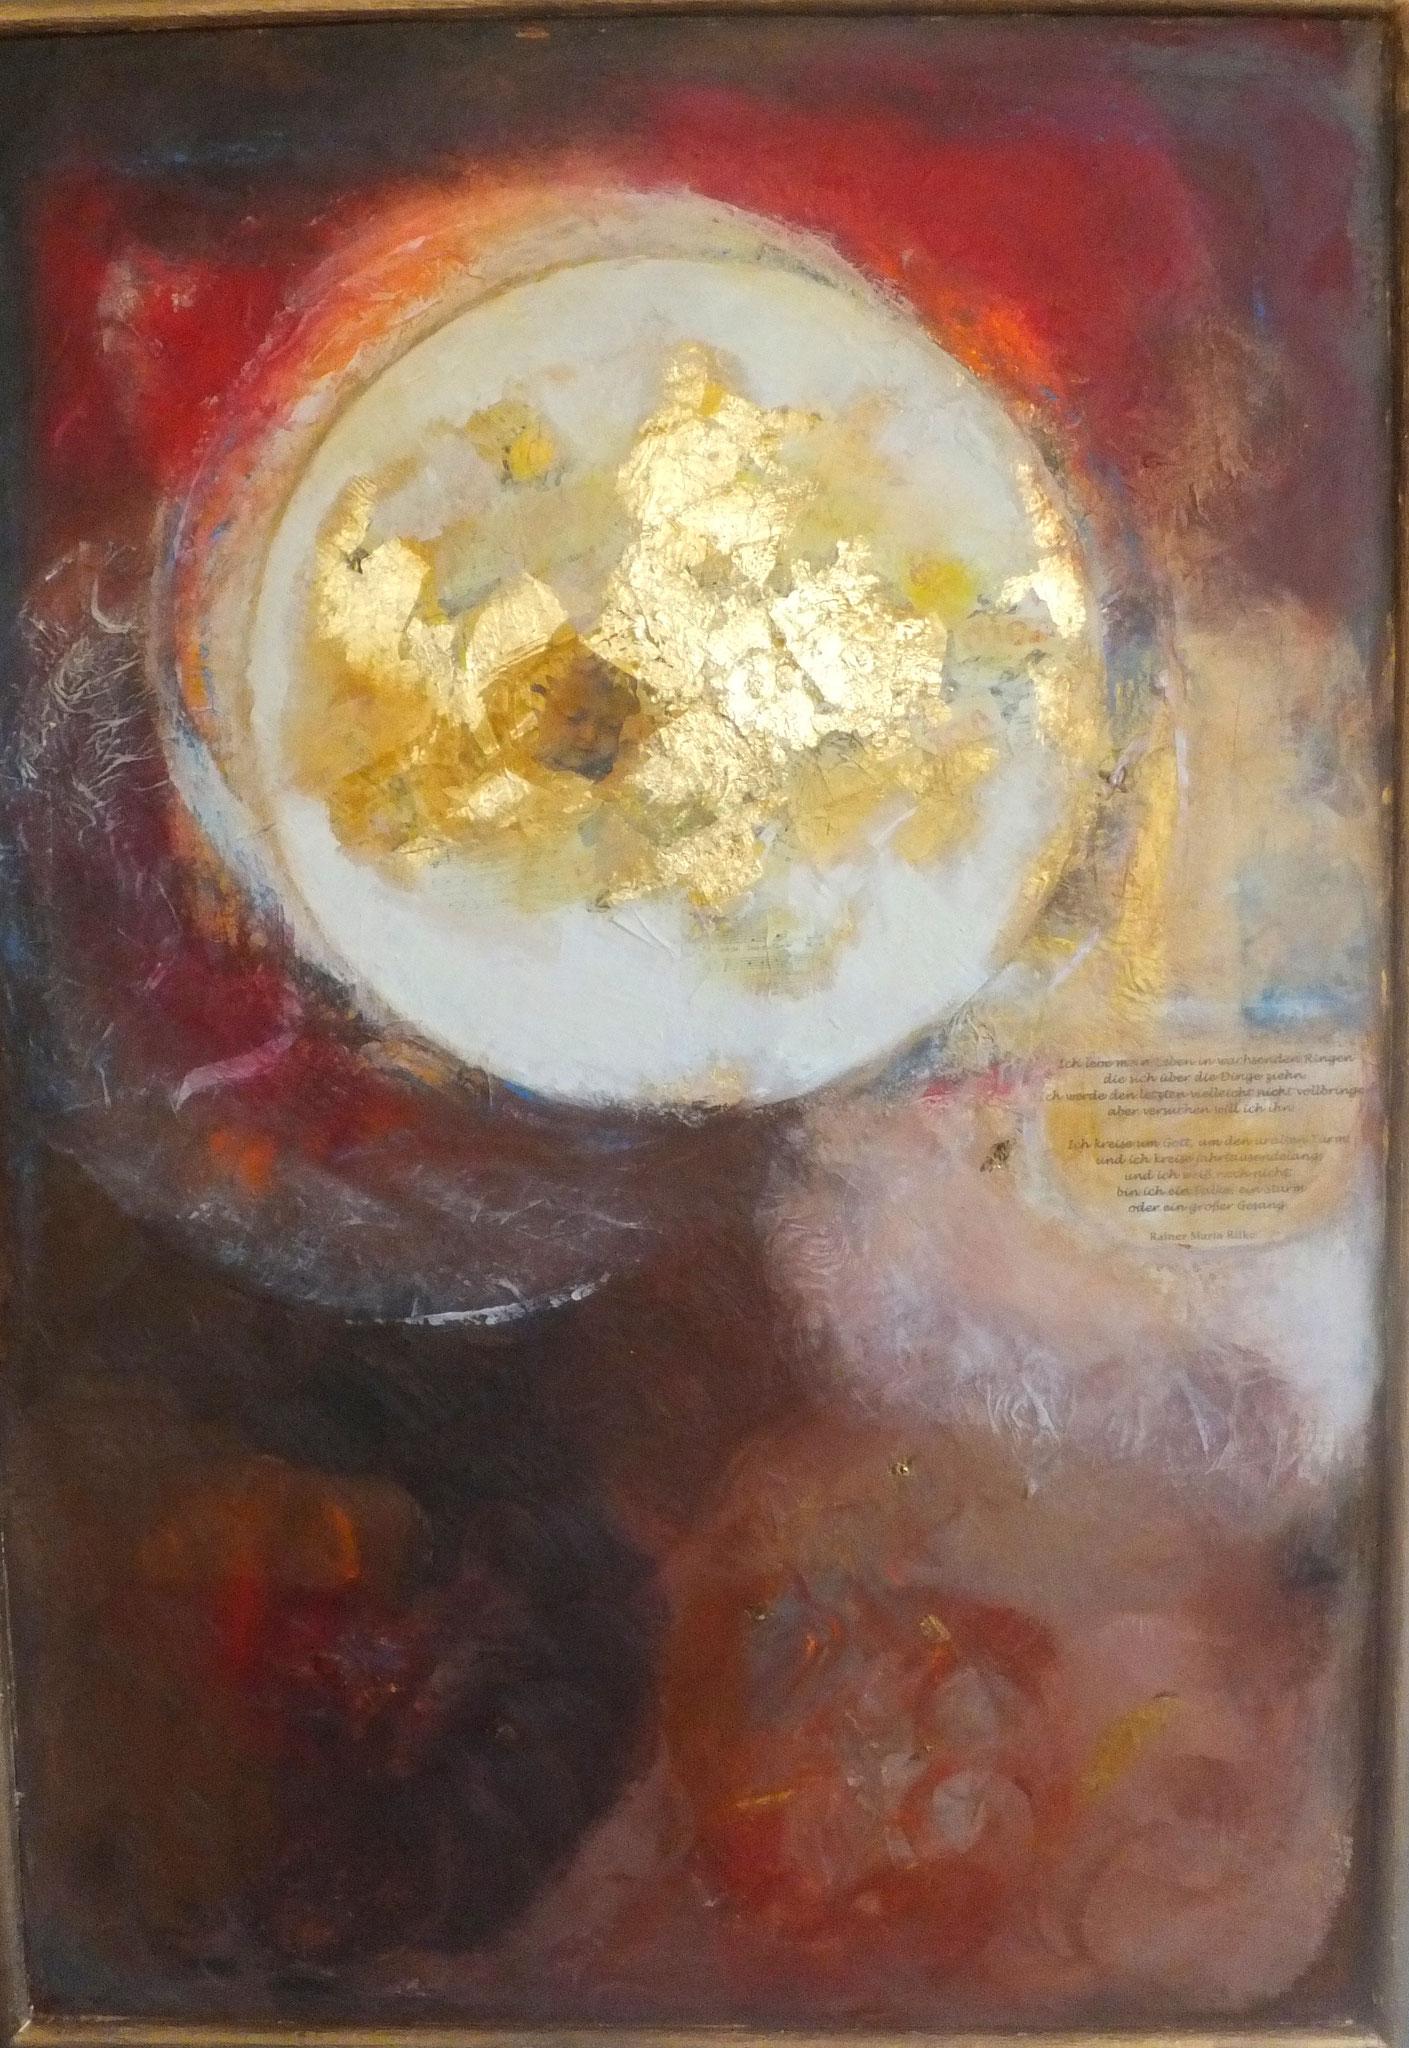 Ich lebe mein Leben in wachsenden Ringen, die sich über die Dinge ziehen.. 100x71cm Acryl, Collage, Mischtechnik auf Holzplatte, handgefertigter Holzrahmen.  Dieses Bild enthält Lieder aus einem alten Gebetbuch, Blattgold und ein Gedicht von R.M. Rilke